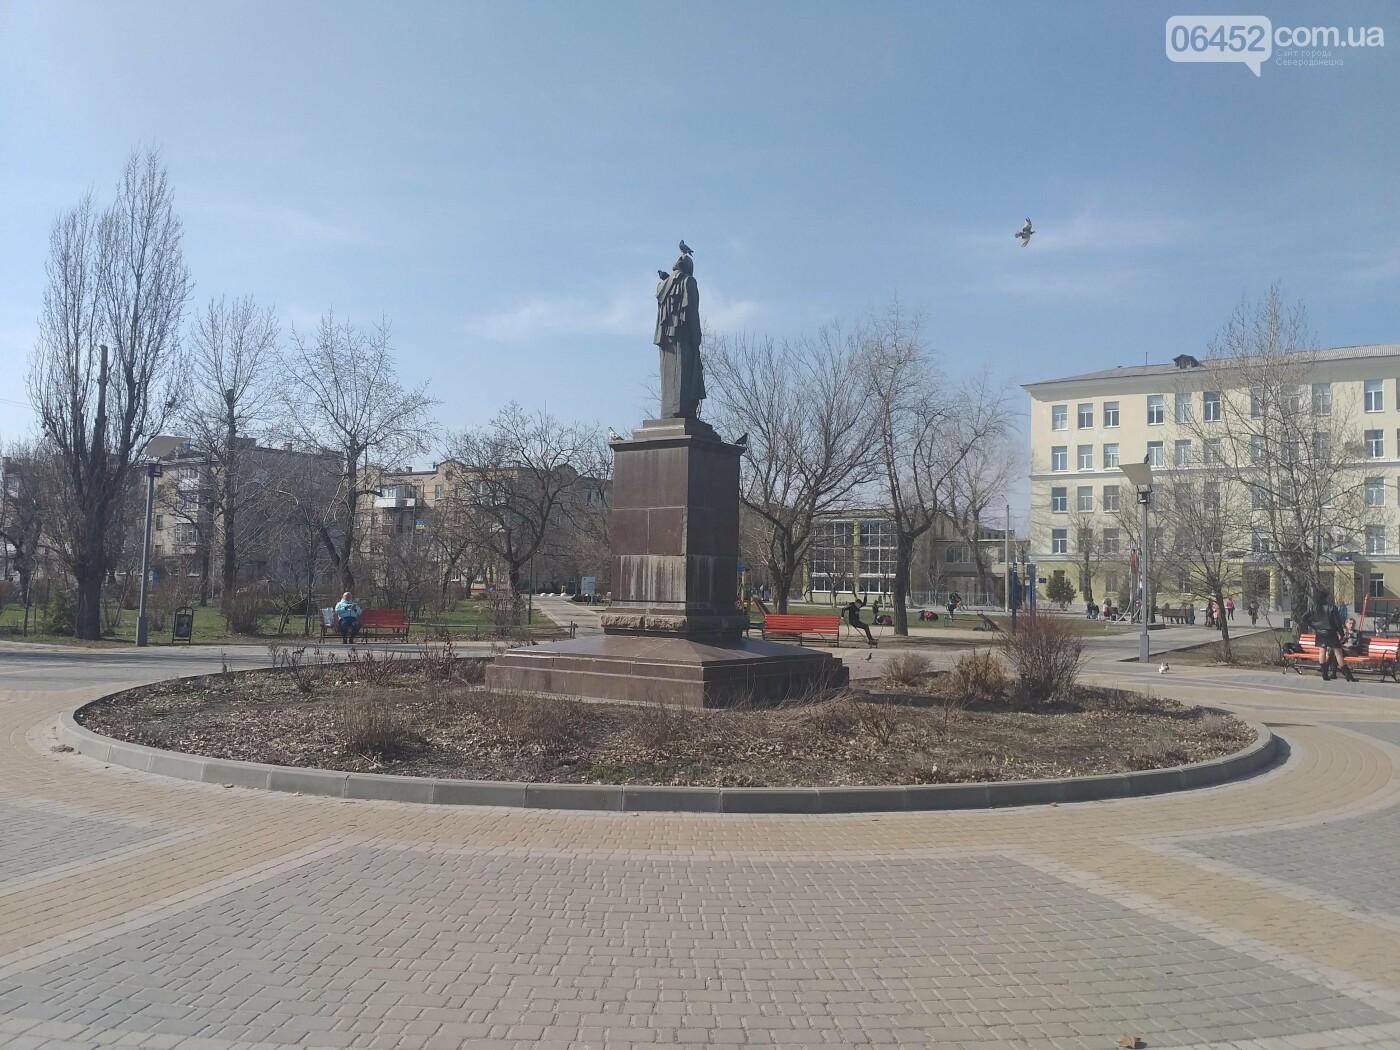 Фото дня: В Северодонецк пришла теплая весна, фото-25